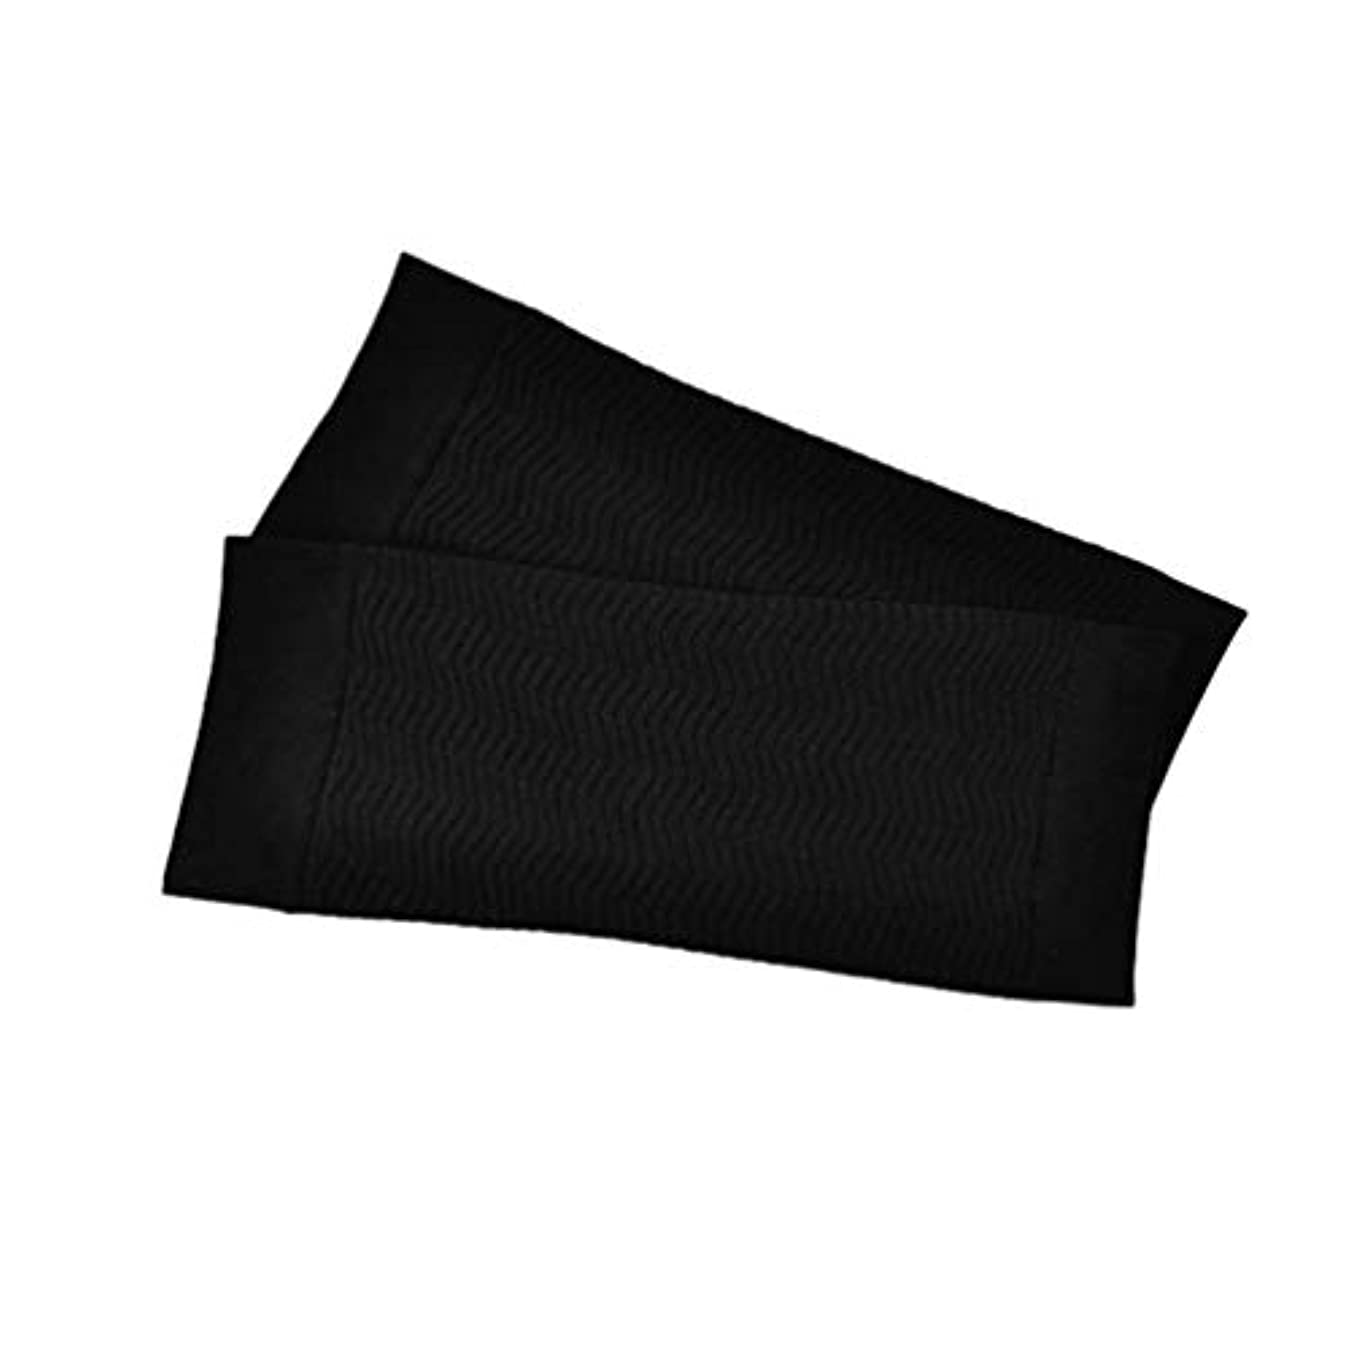 モナリザ悪因子非行1ペア680 D圧縮アームシェイパーワークアウトトーニングバーンセルライトスリミングアームスリーブ脂肪燃焼半袖用女性 - ブラック